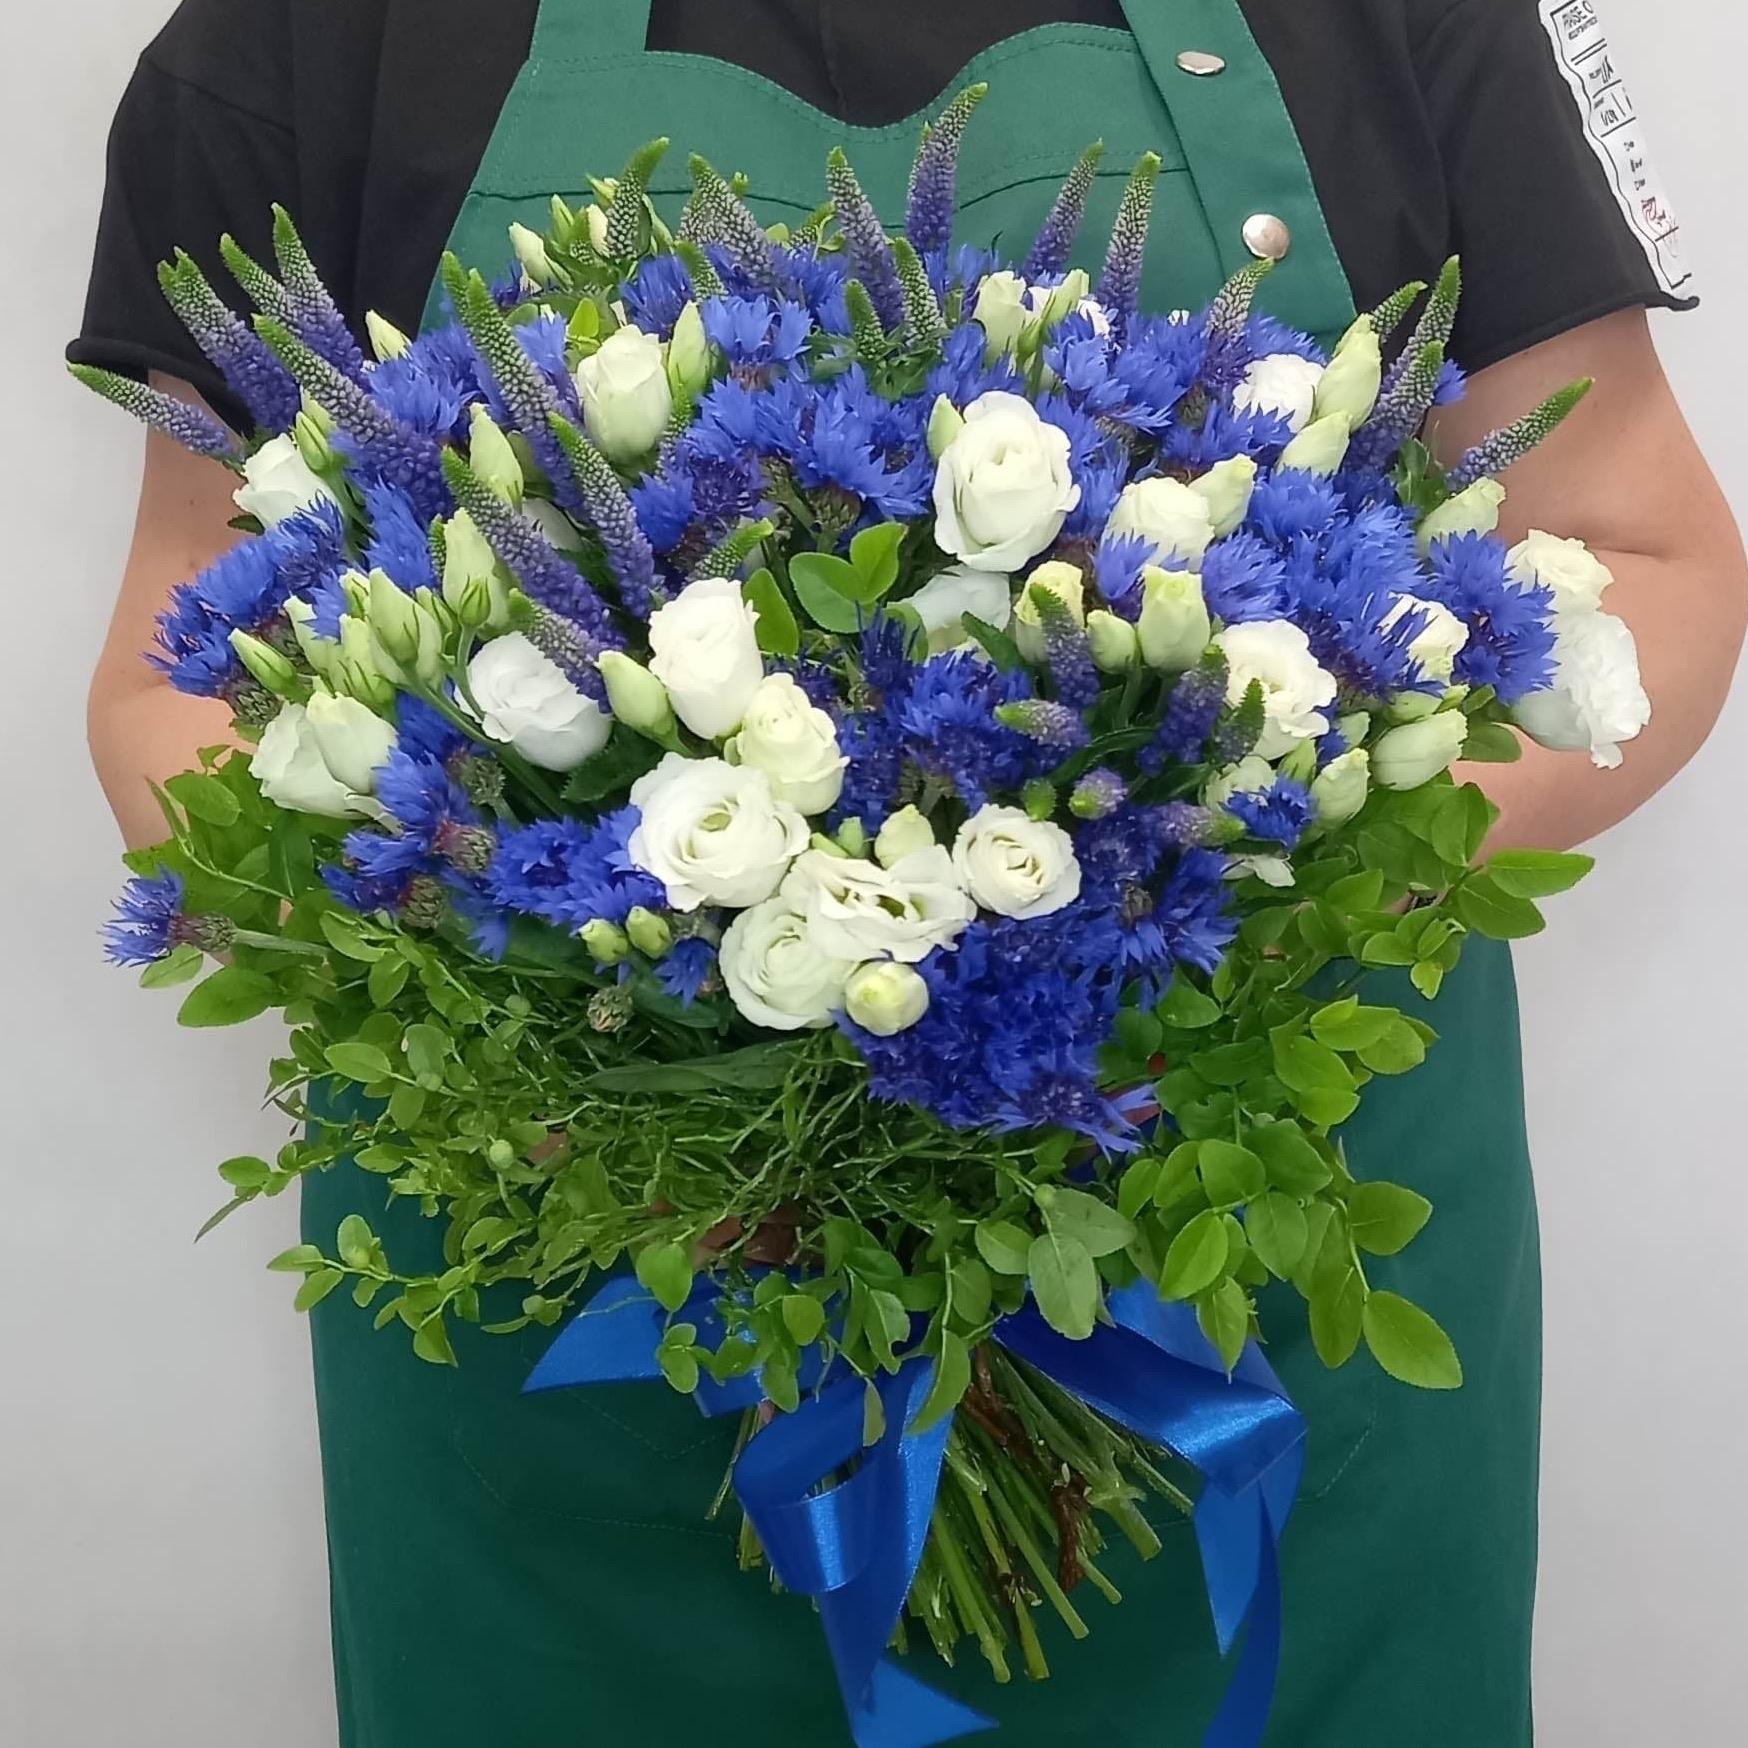 Заказать букет из васельков доставка цветов флора экспресс отзывы